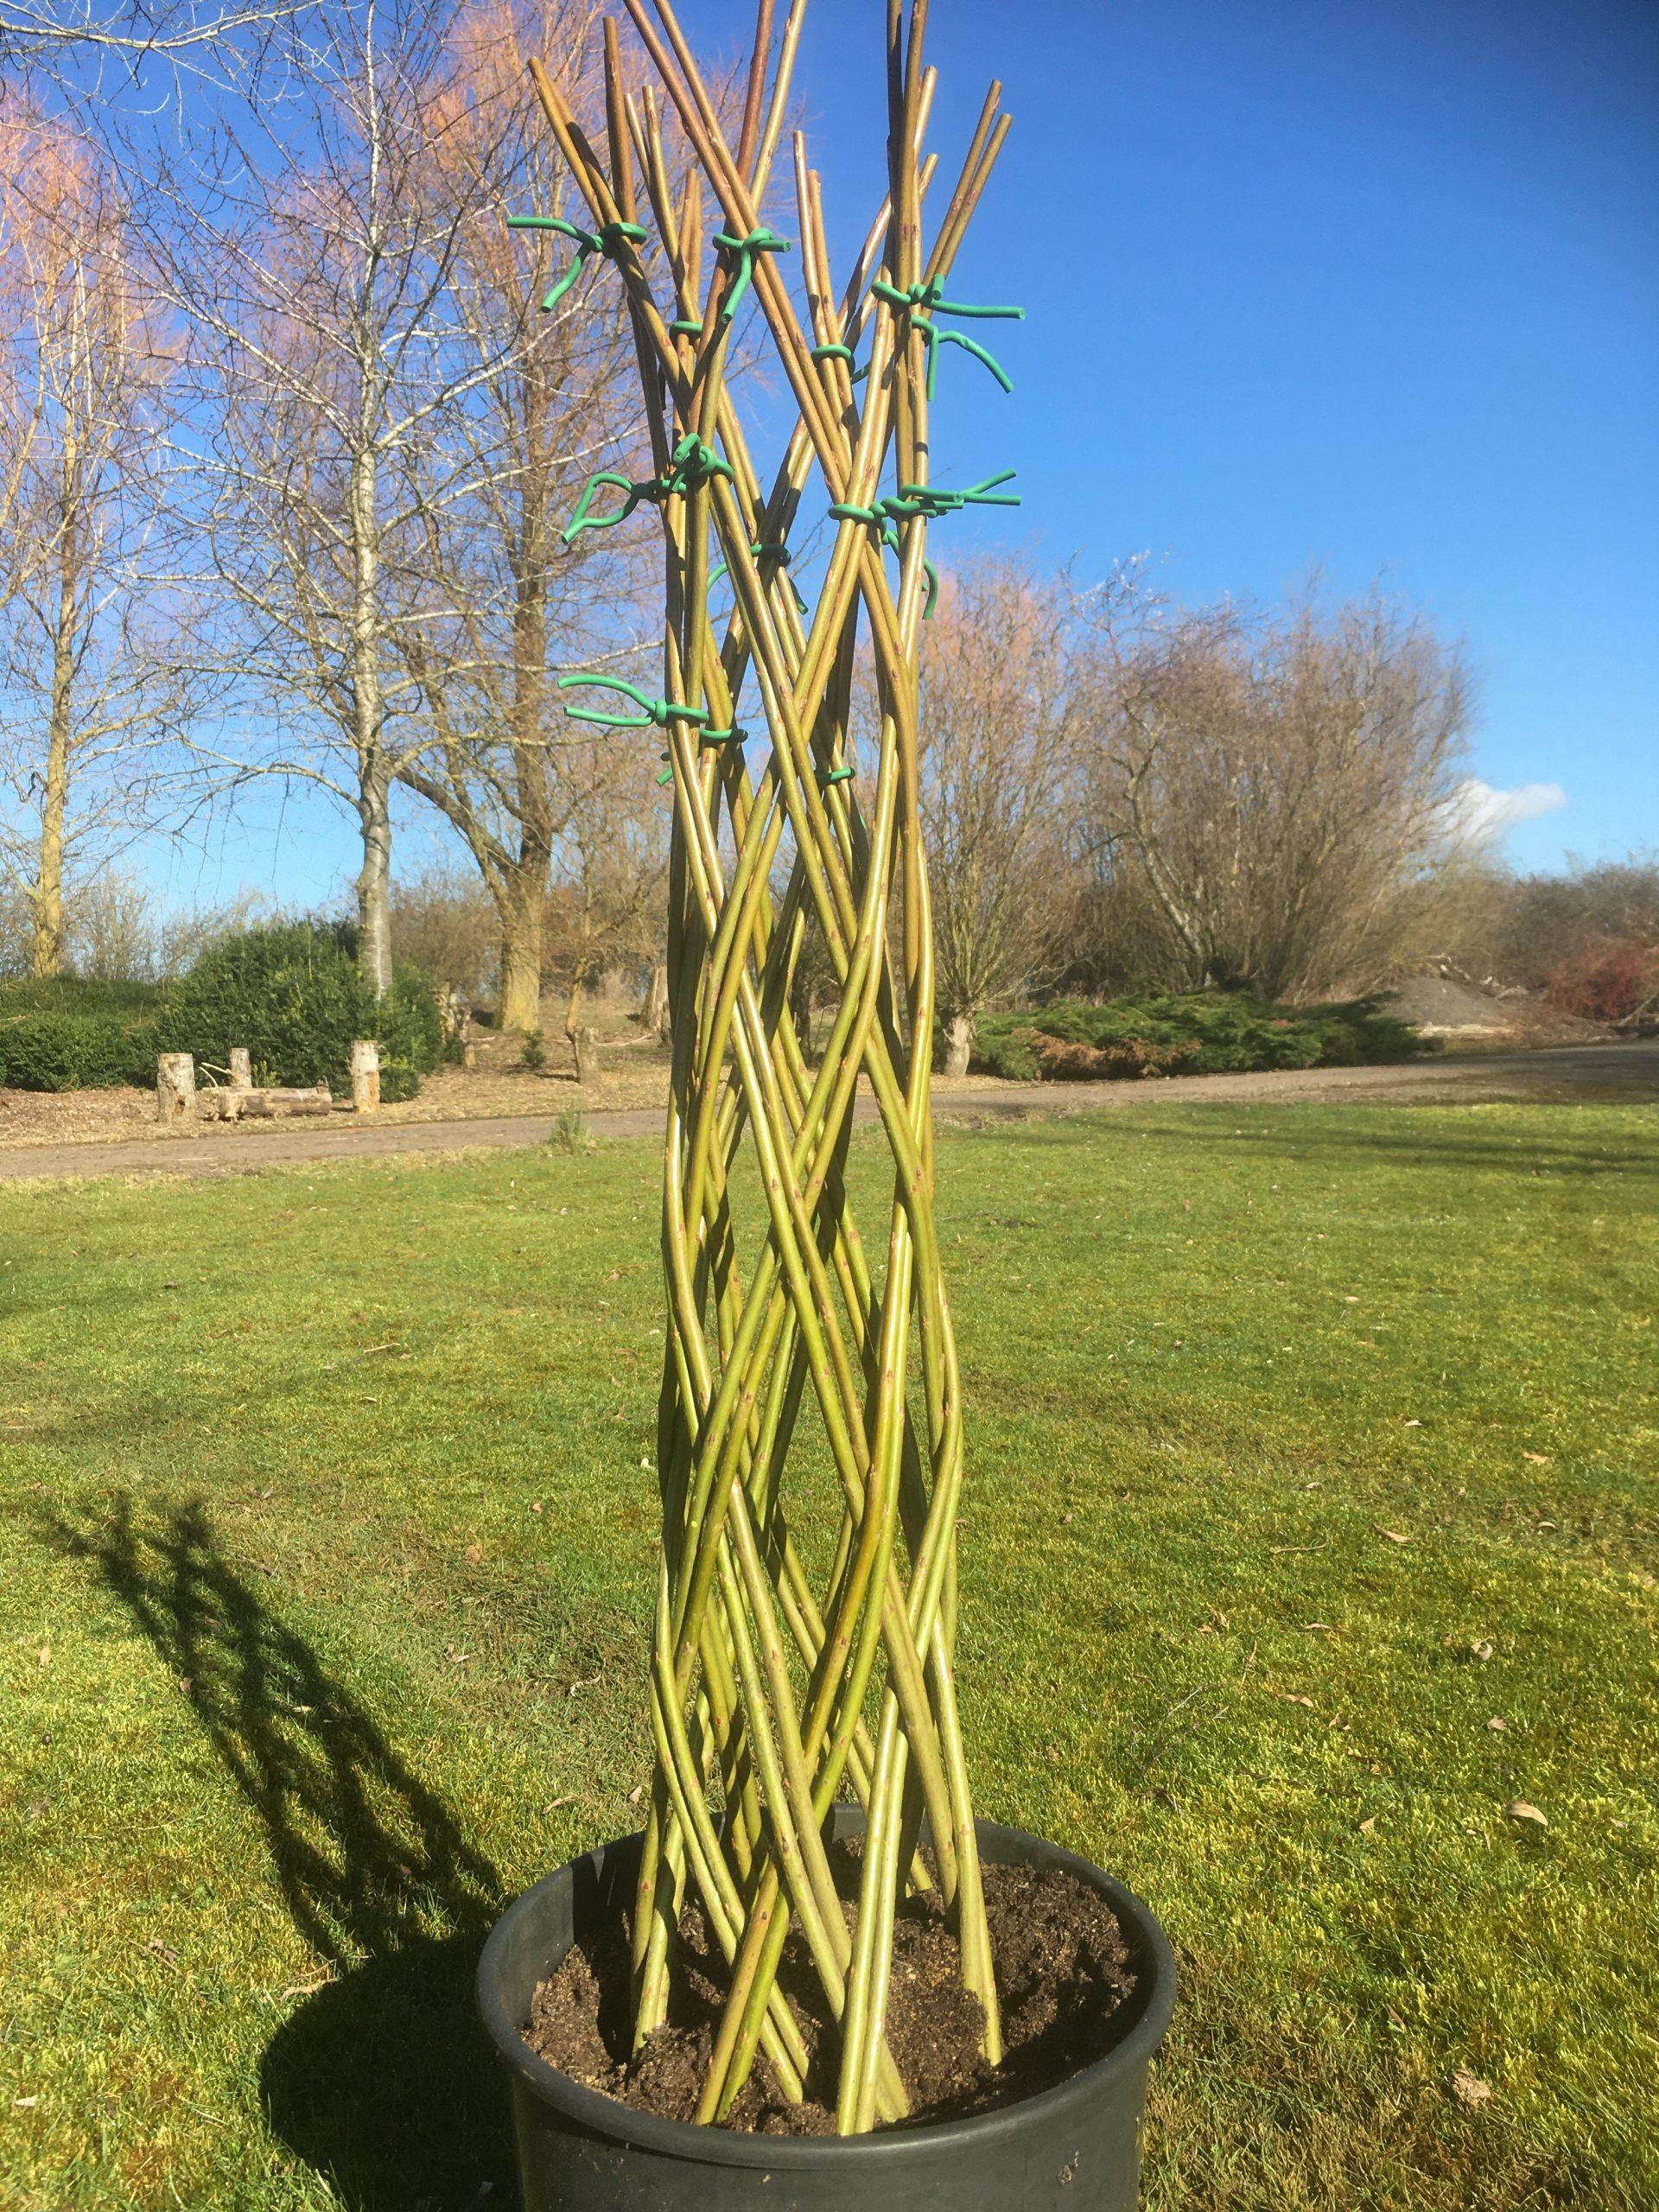 Braided Harlequin willow tree kit